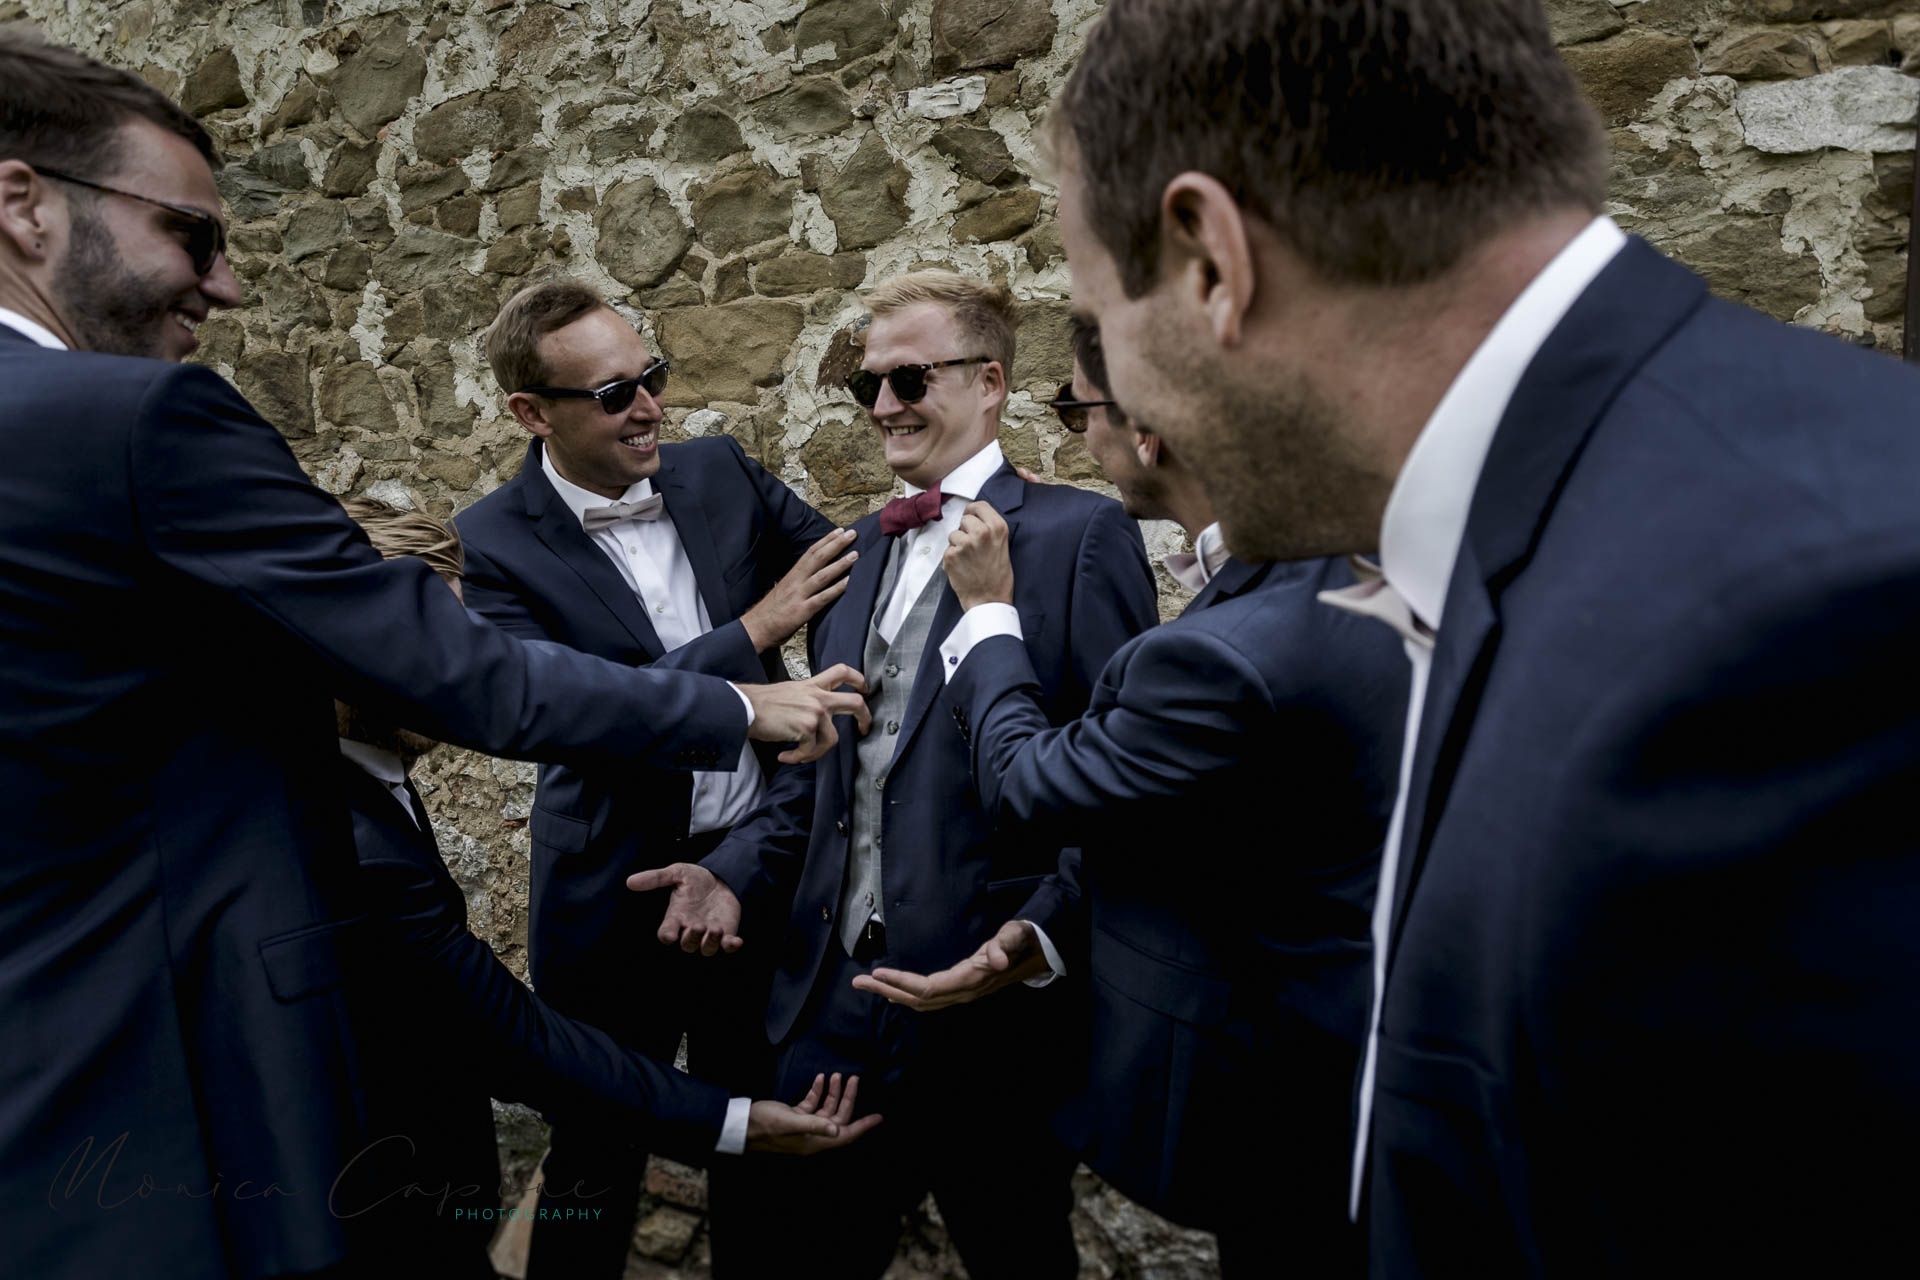 fotografo-per-matrimonio-reportage